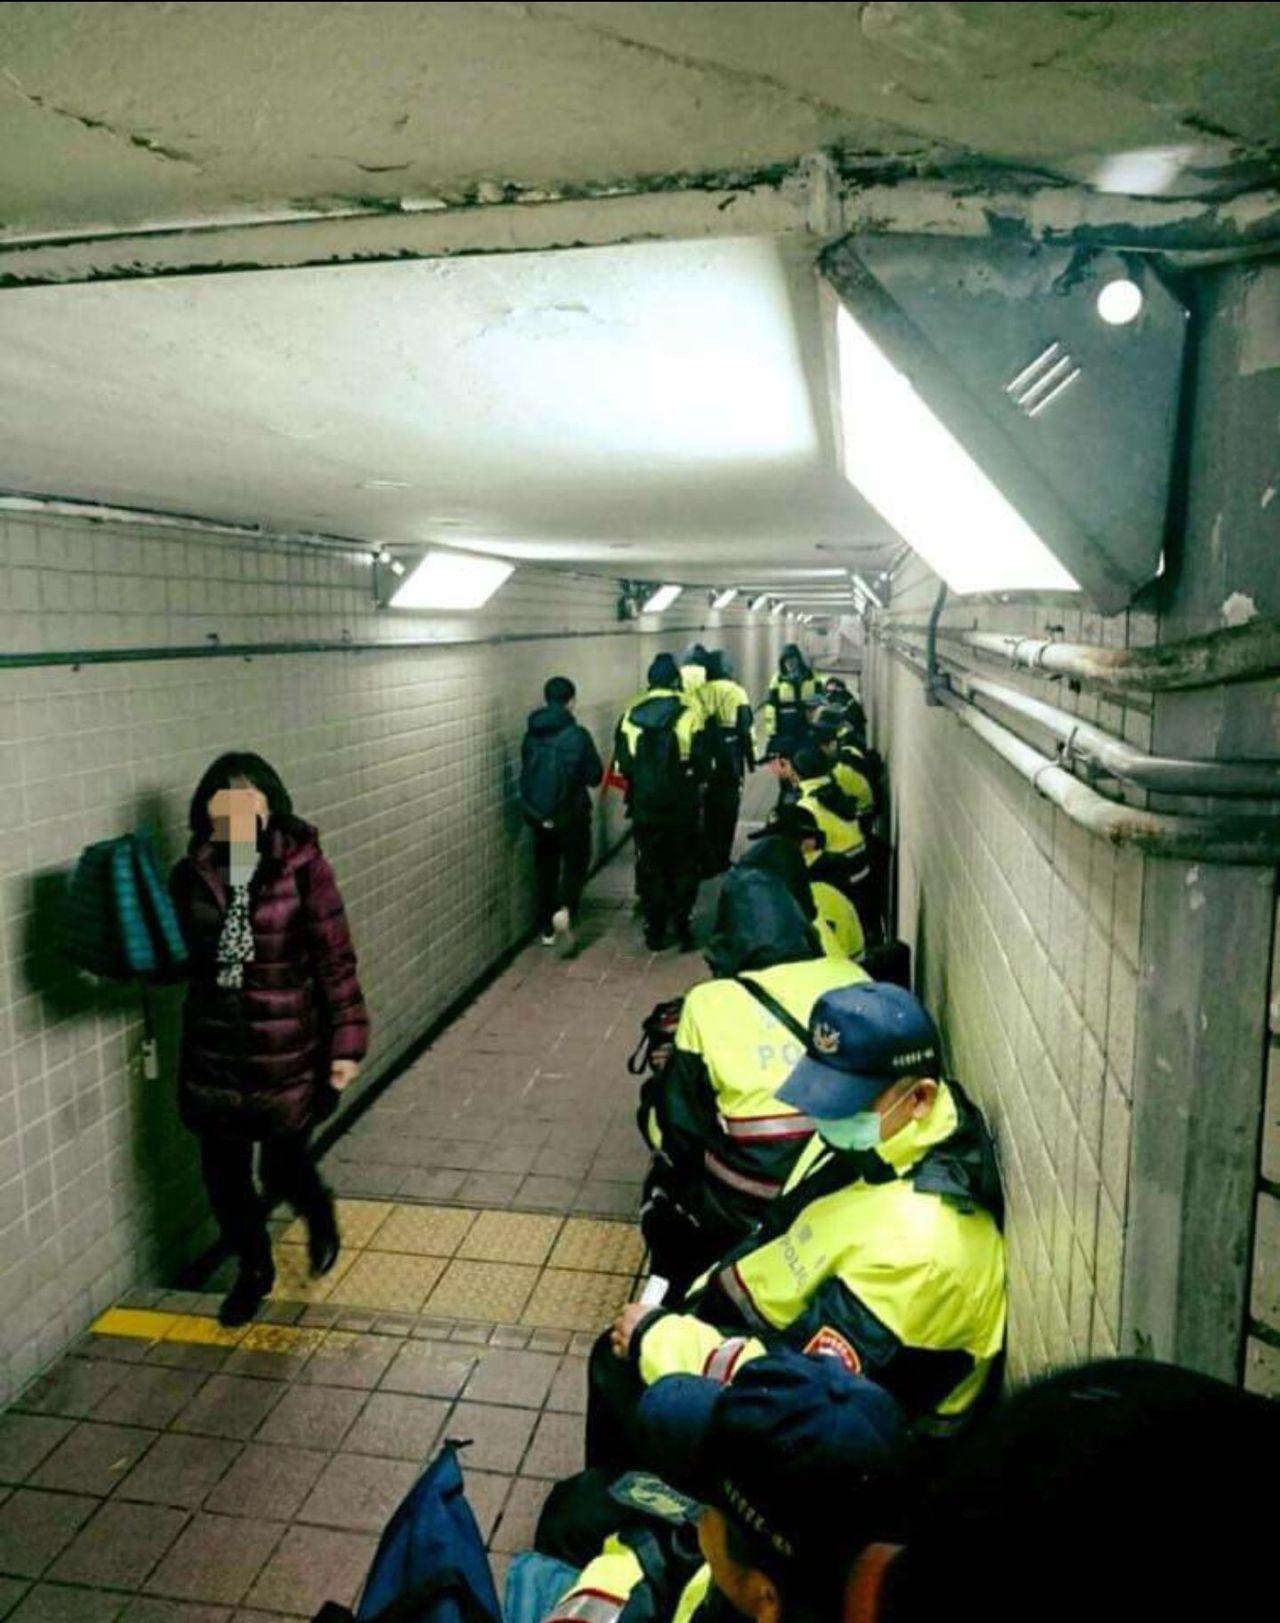 針對勞基法修法聚眾抗議,警察連日頂著低溫值勤,警界瘋狂轉傳1張照片,畫面中多名員...